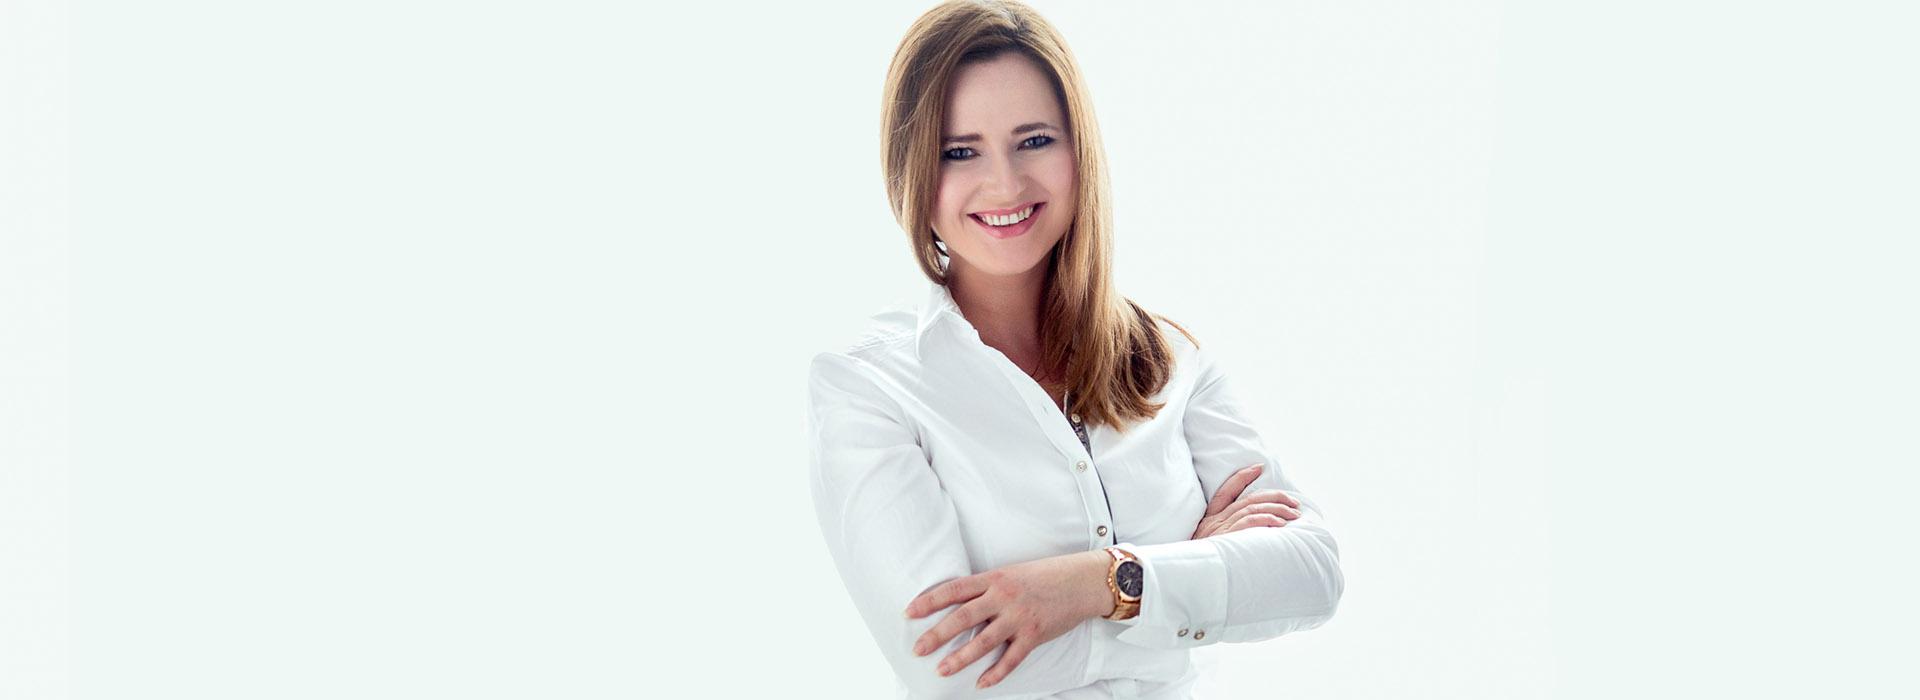 Dana Lipkova - DLI CONSULTING